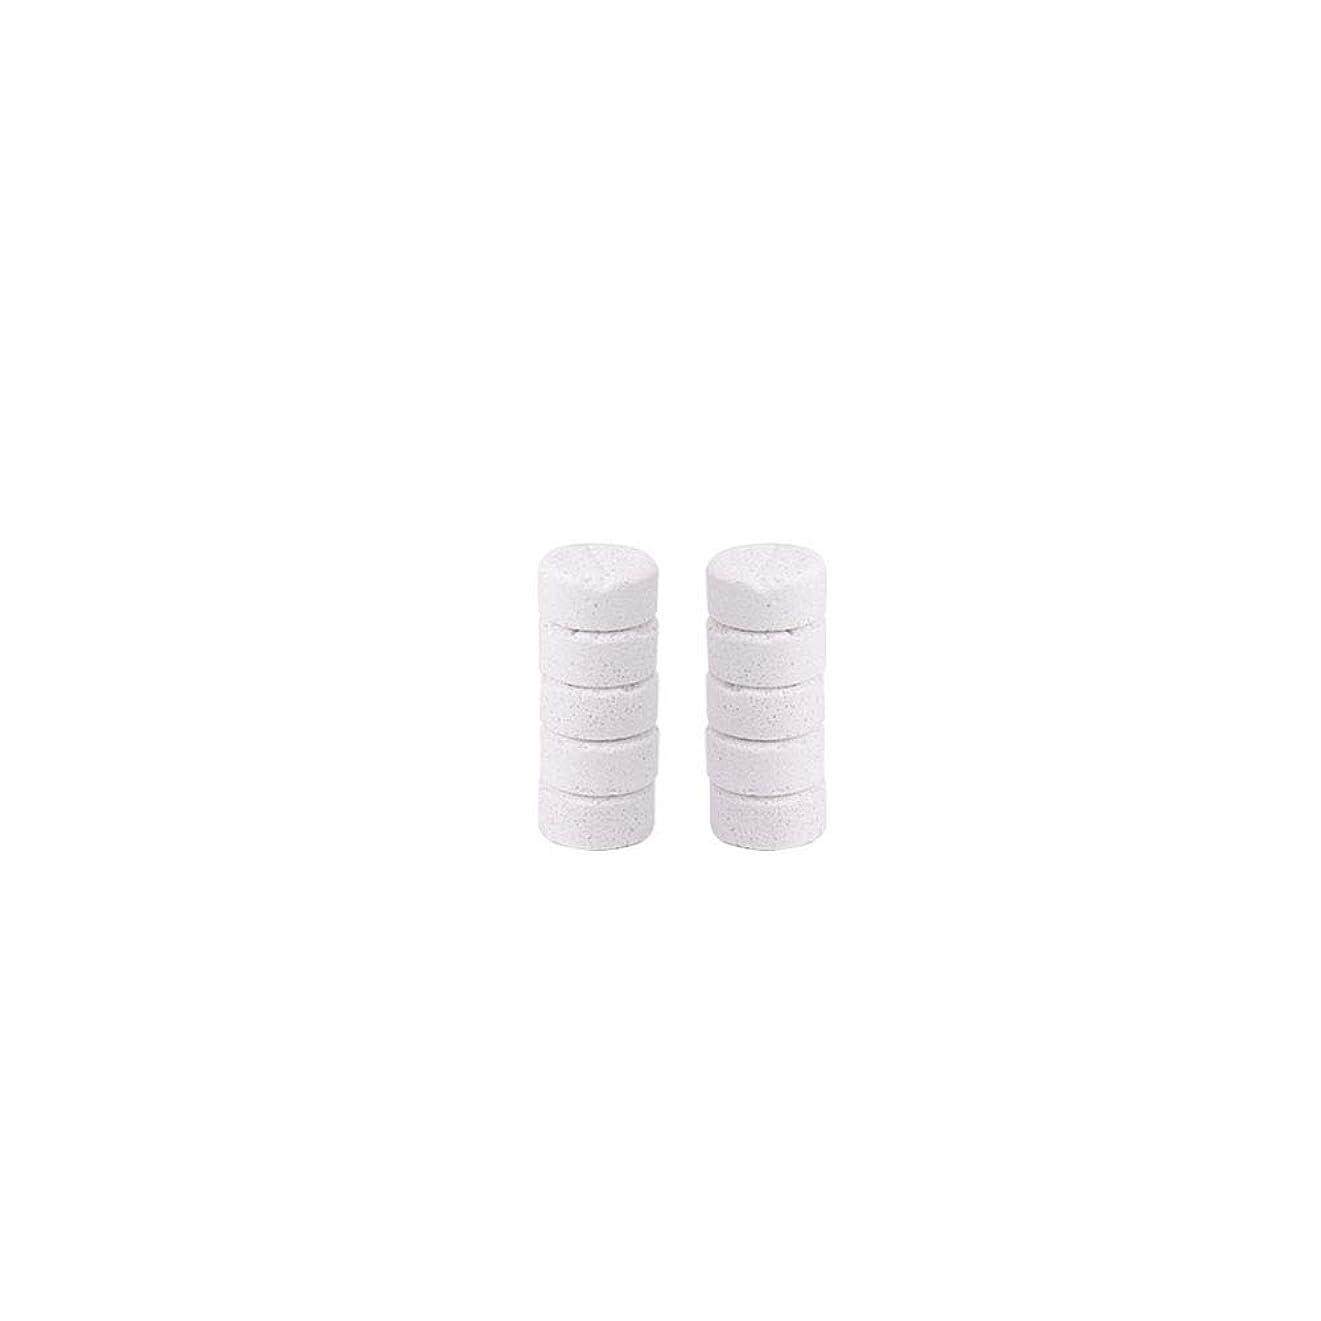 約ジム喉頭Fashionwu 10個 多機能発泡スプレークリーナー クリーナー 多目的クレンザー 洗剤 洗浄?防汚?消臭除菌の効果